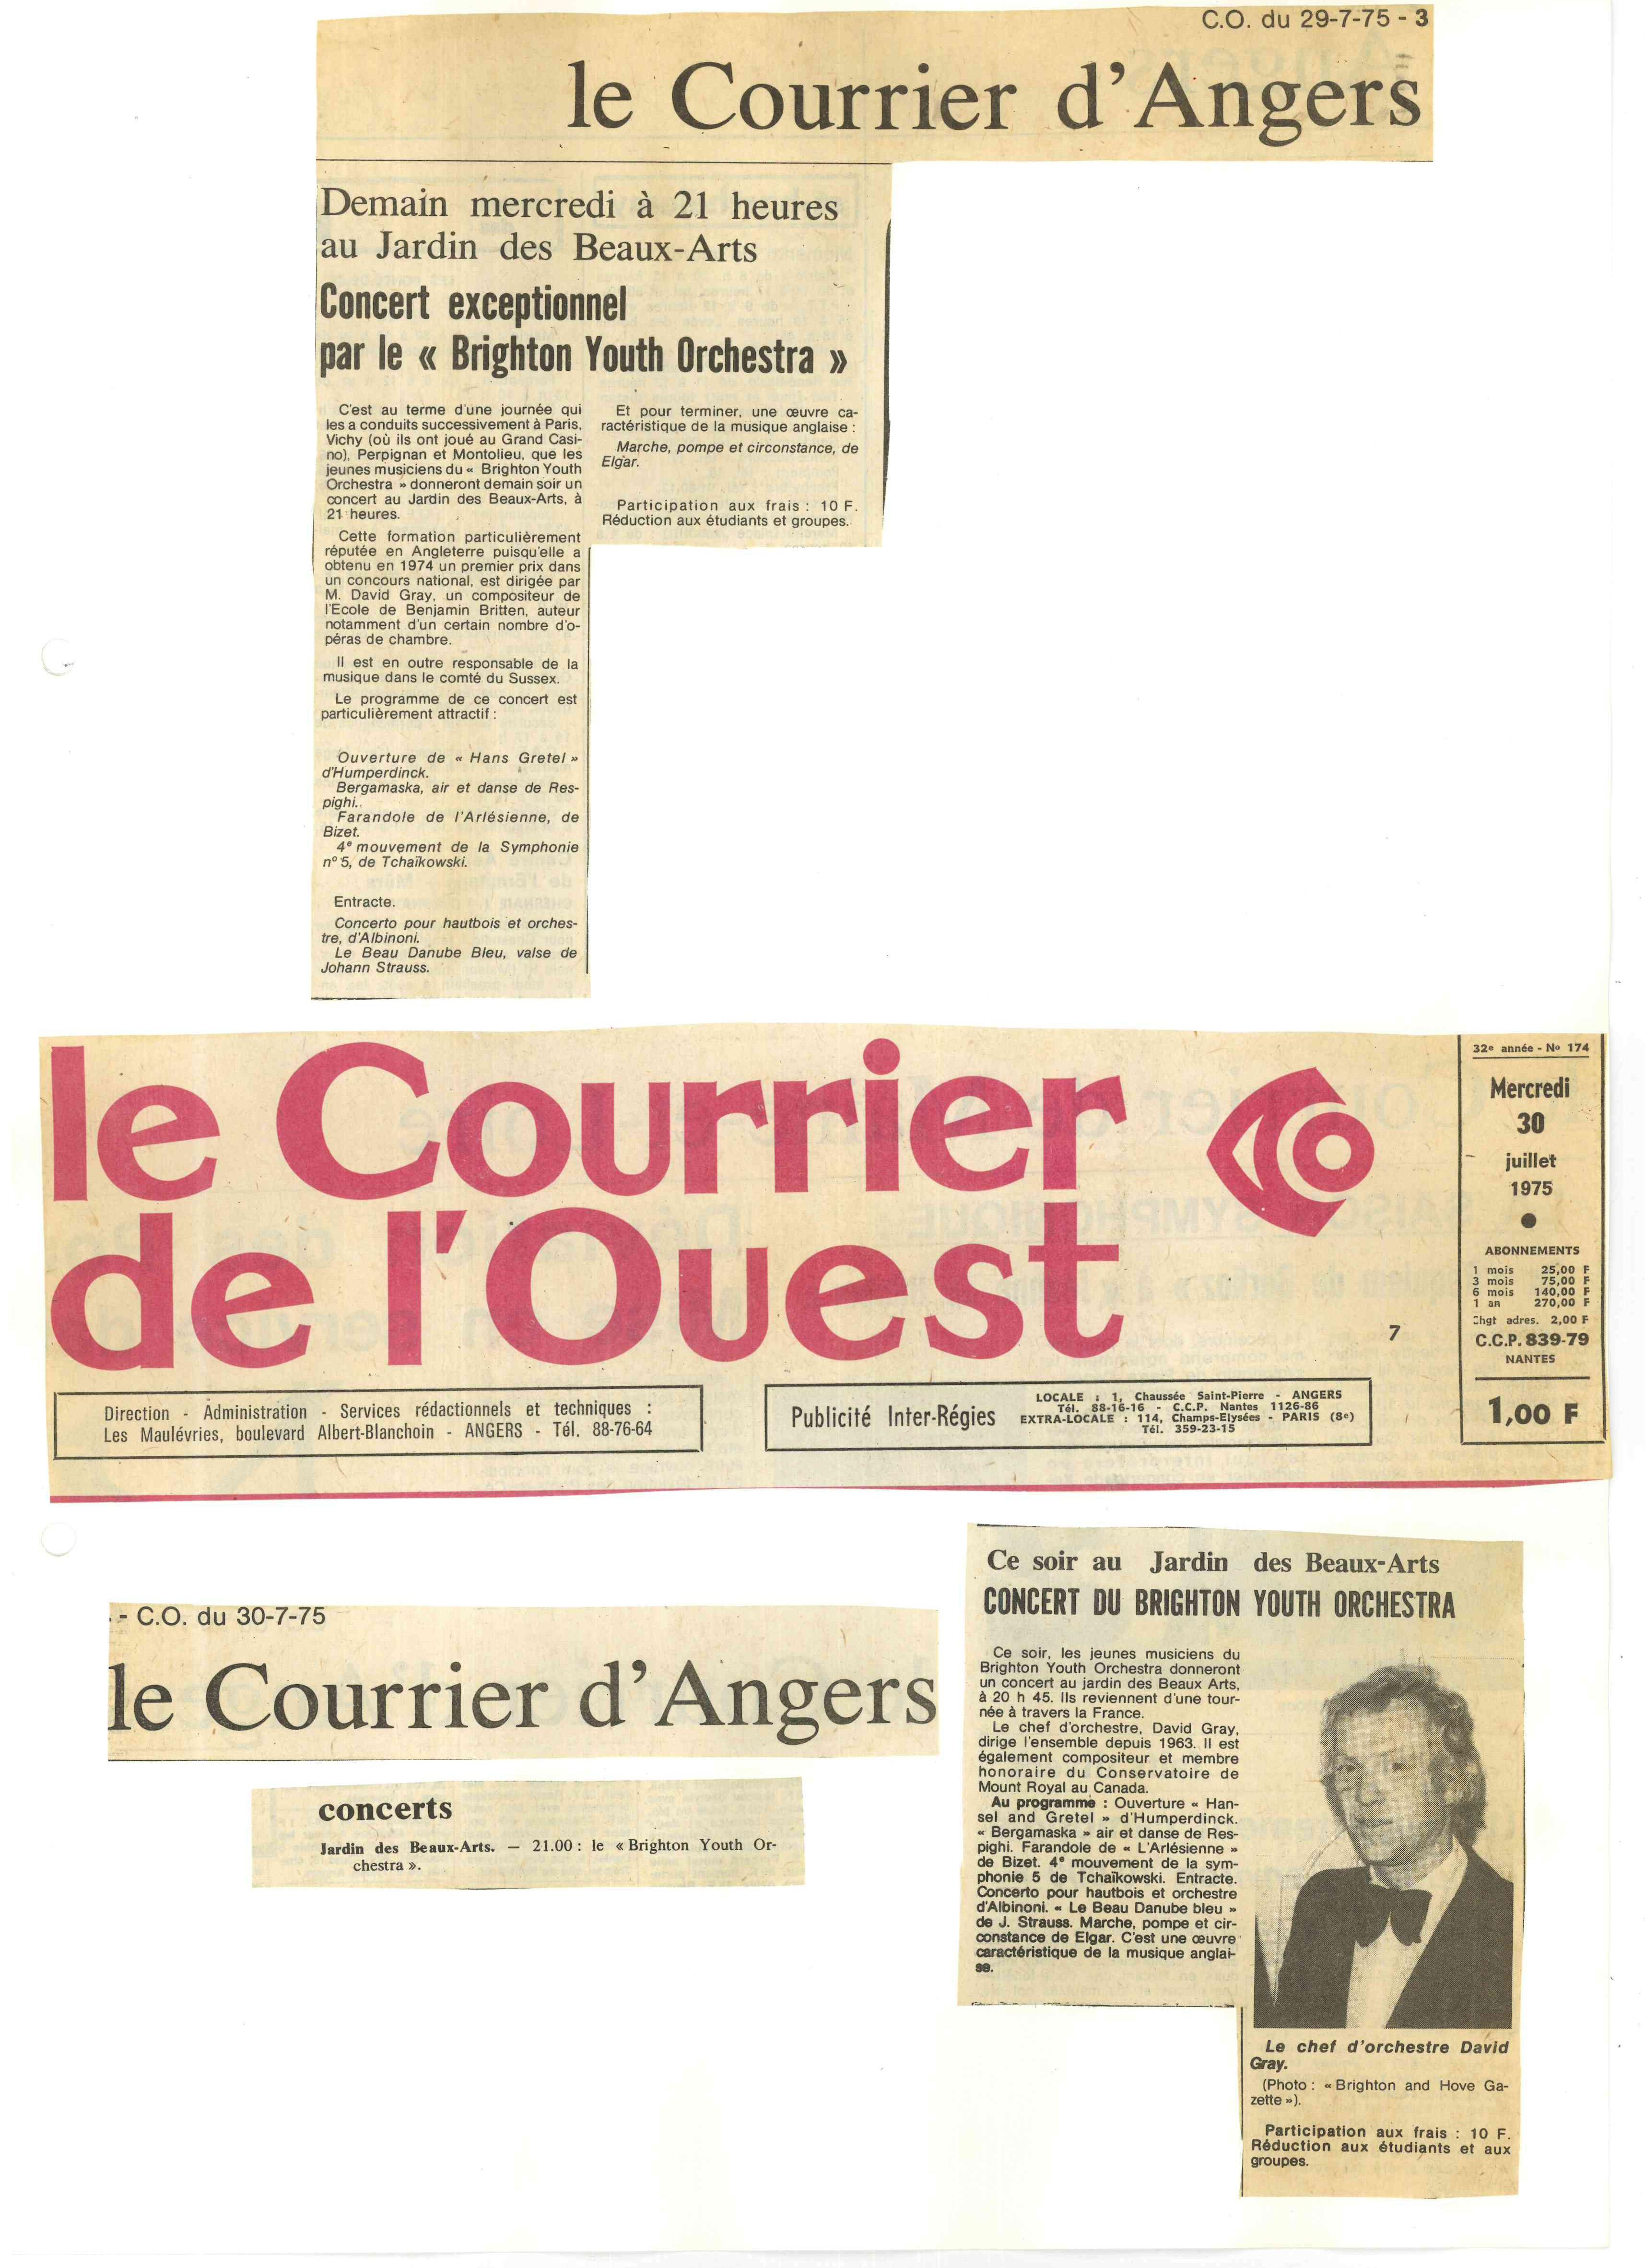 00056-France Concert, July 1975.jpg